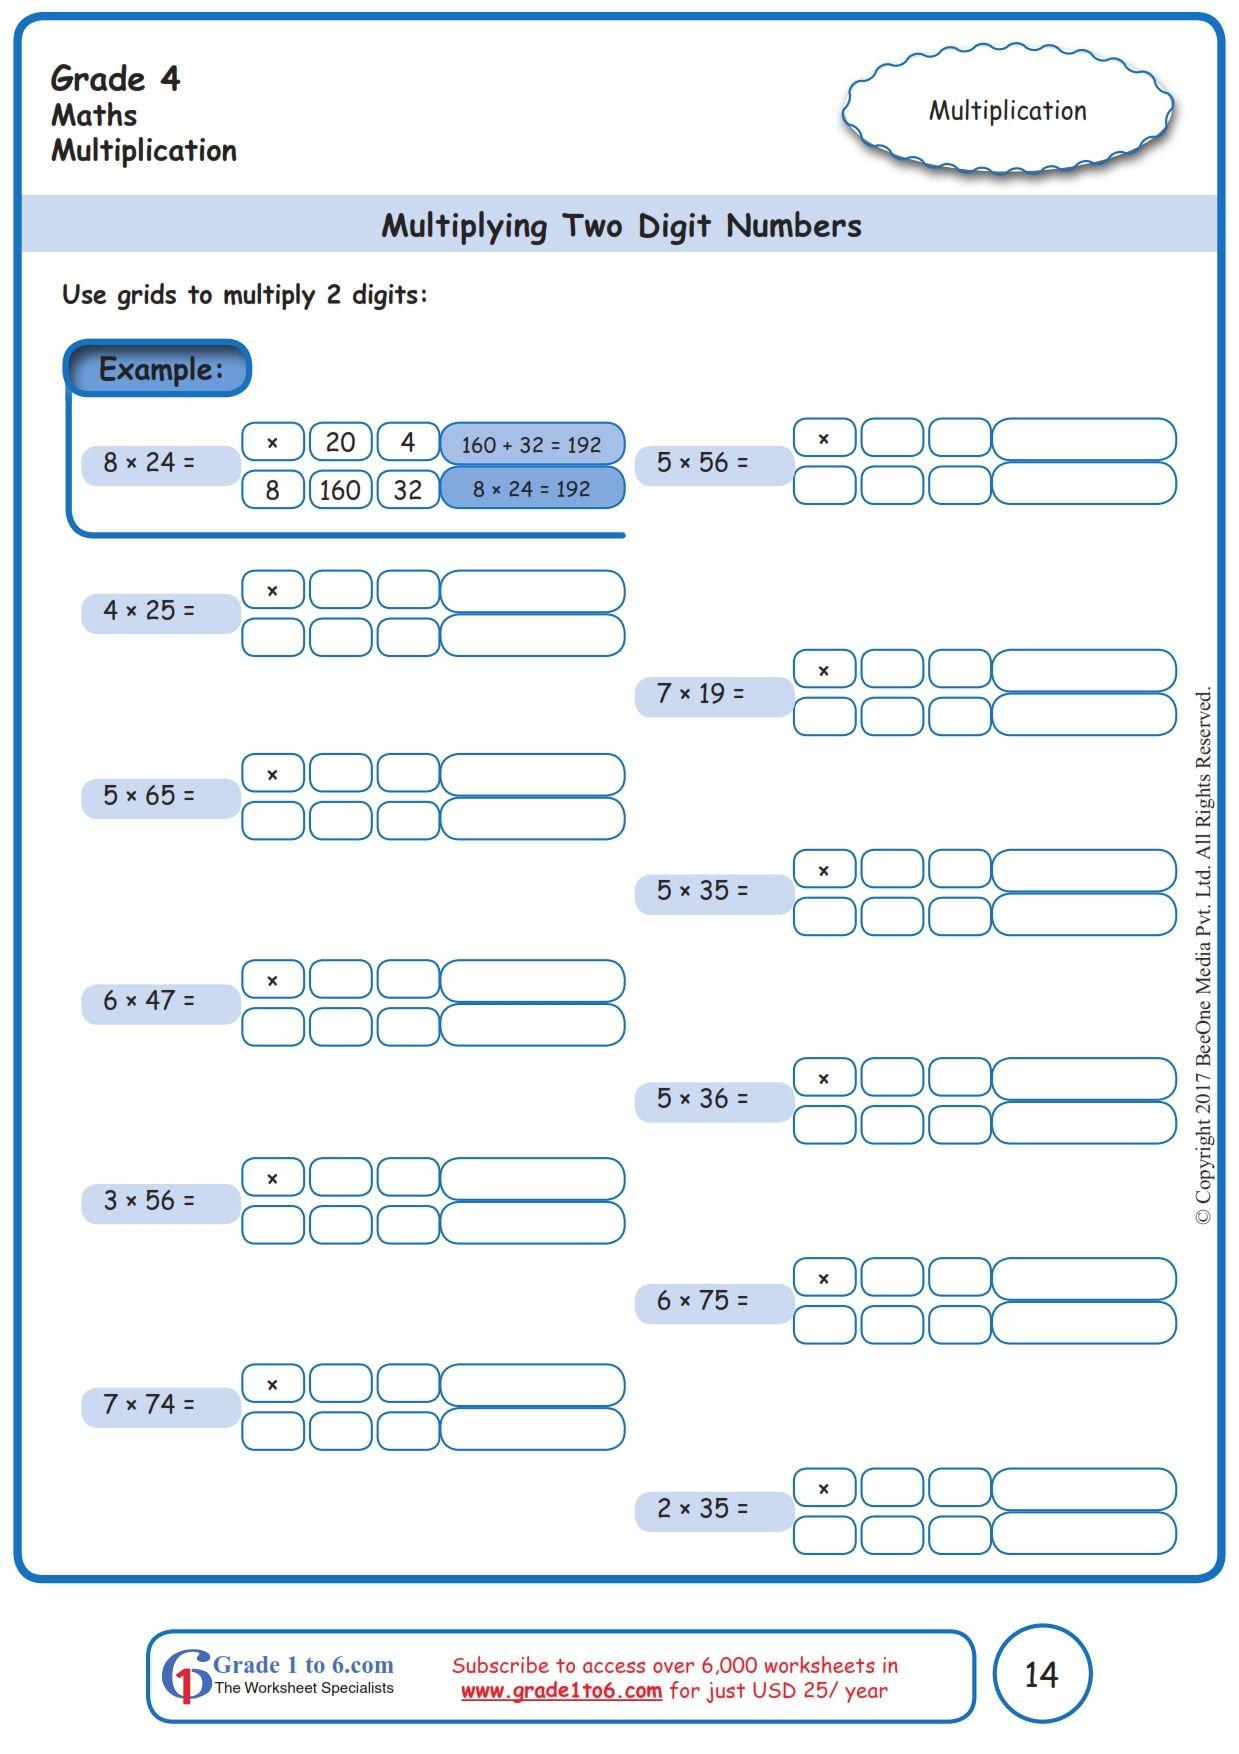 Worksheet Grade 4 Math Multiplying Two Digit Numbers In